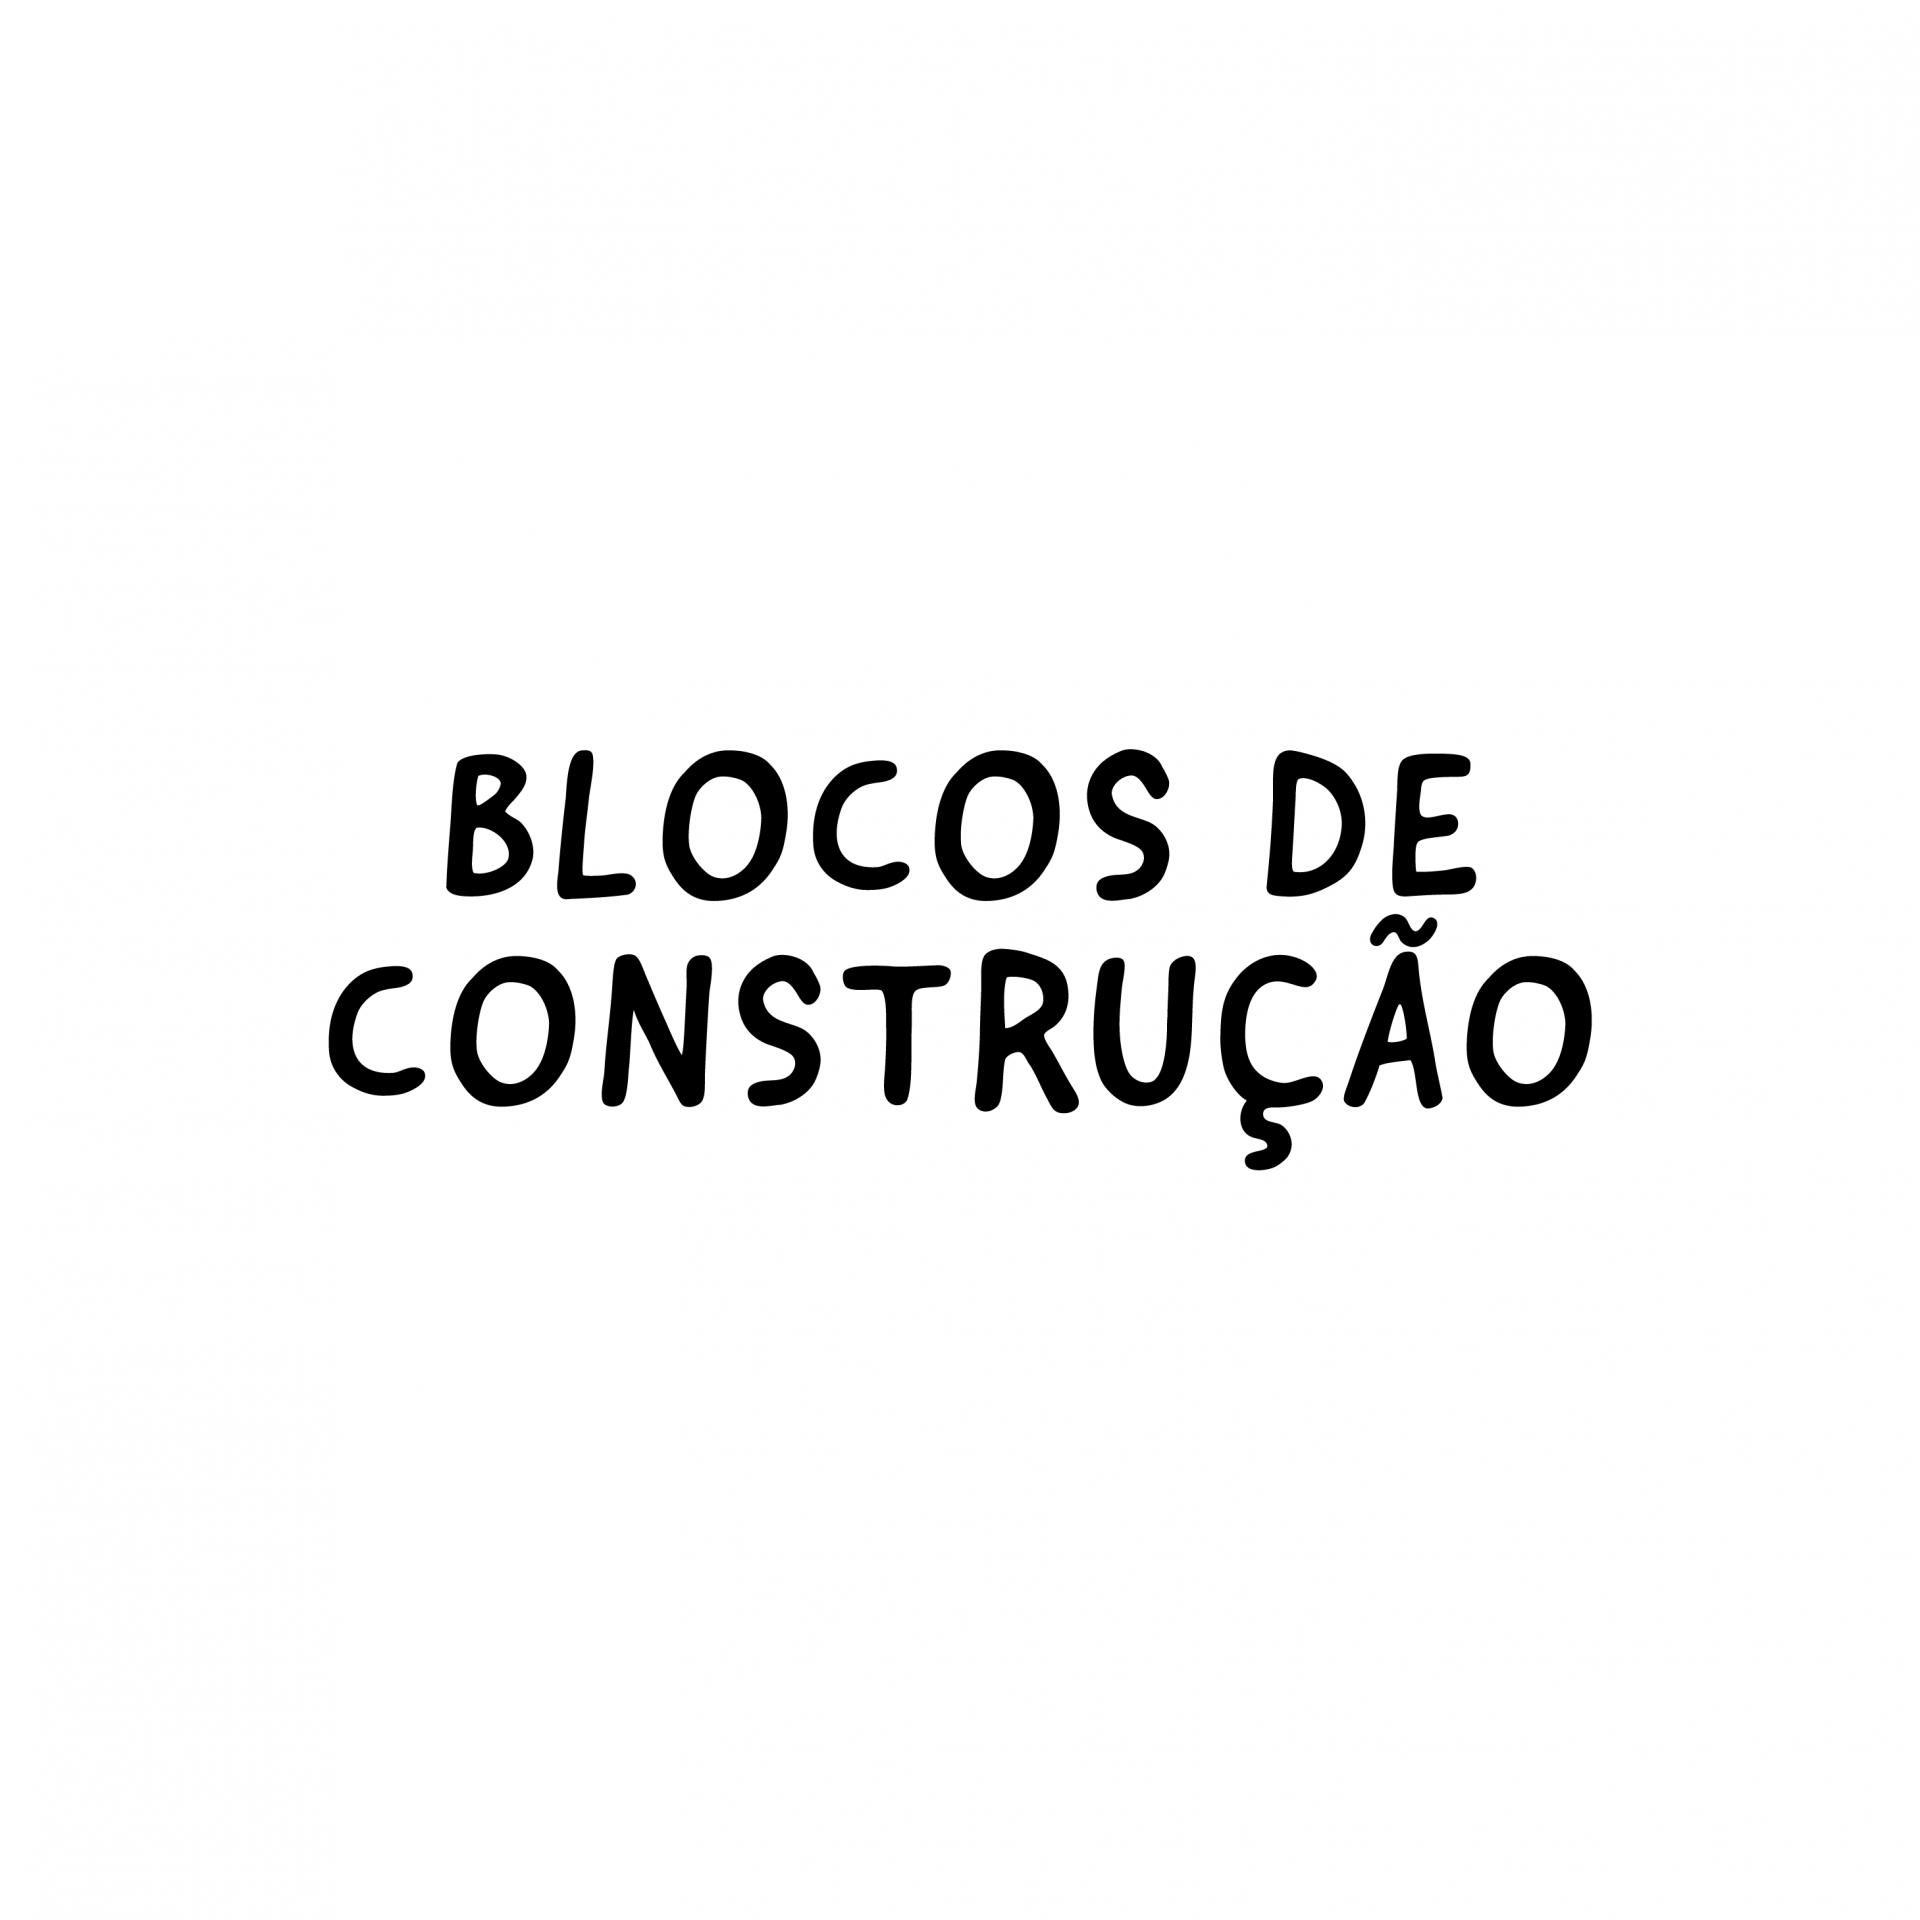 Blocos de construção 03